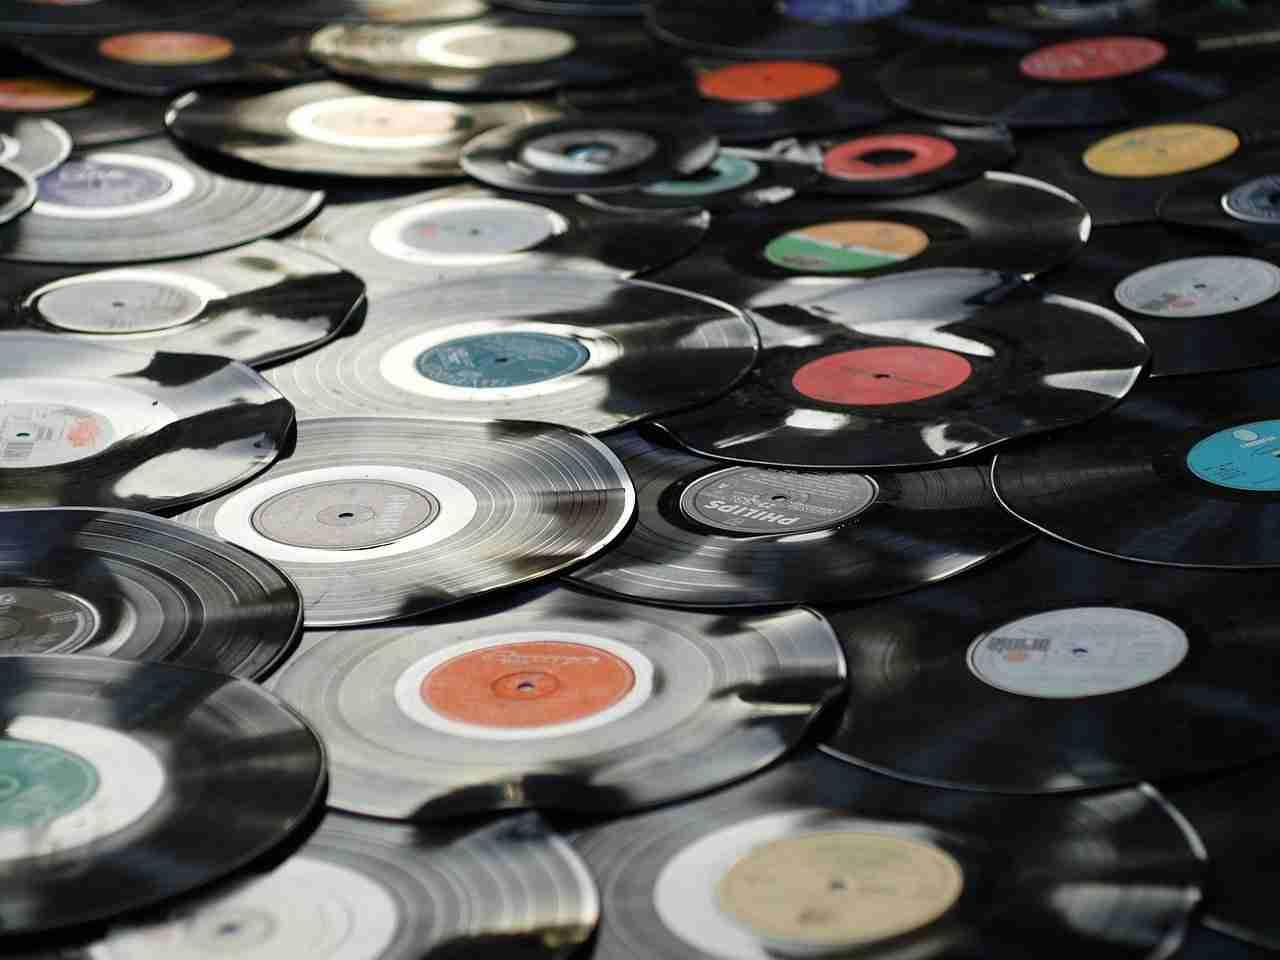 les 20 albums les plus écoutés en 2020